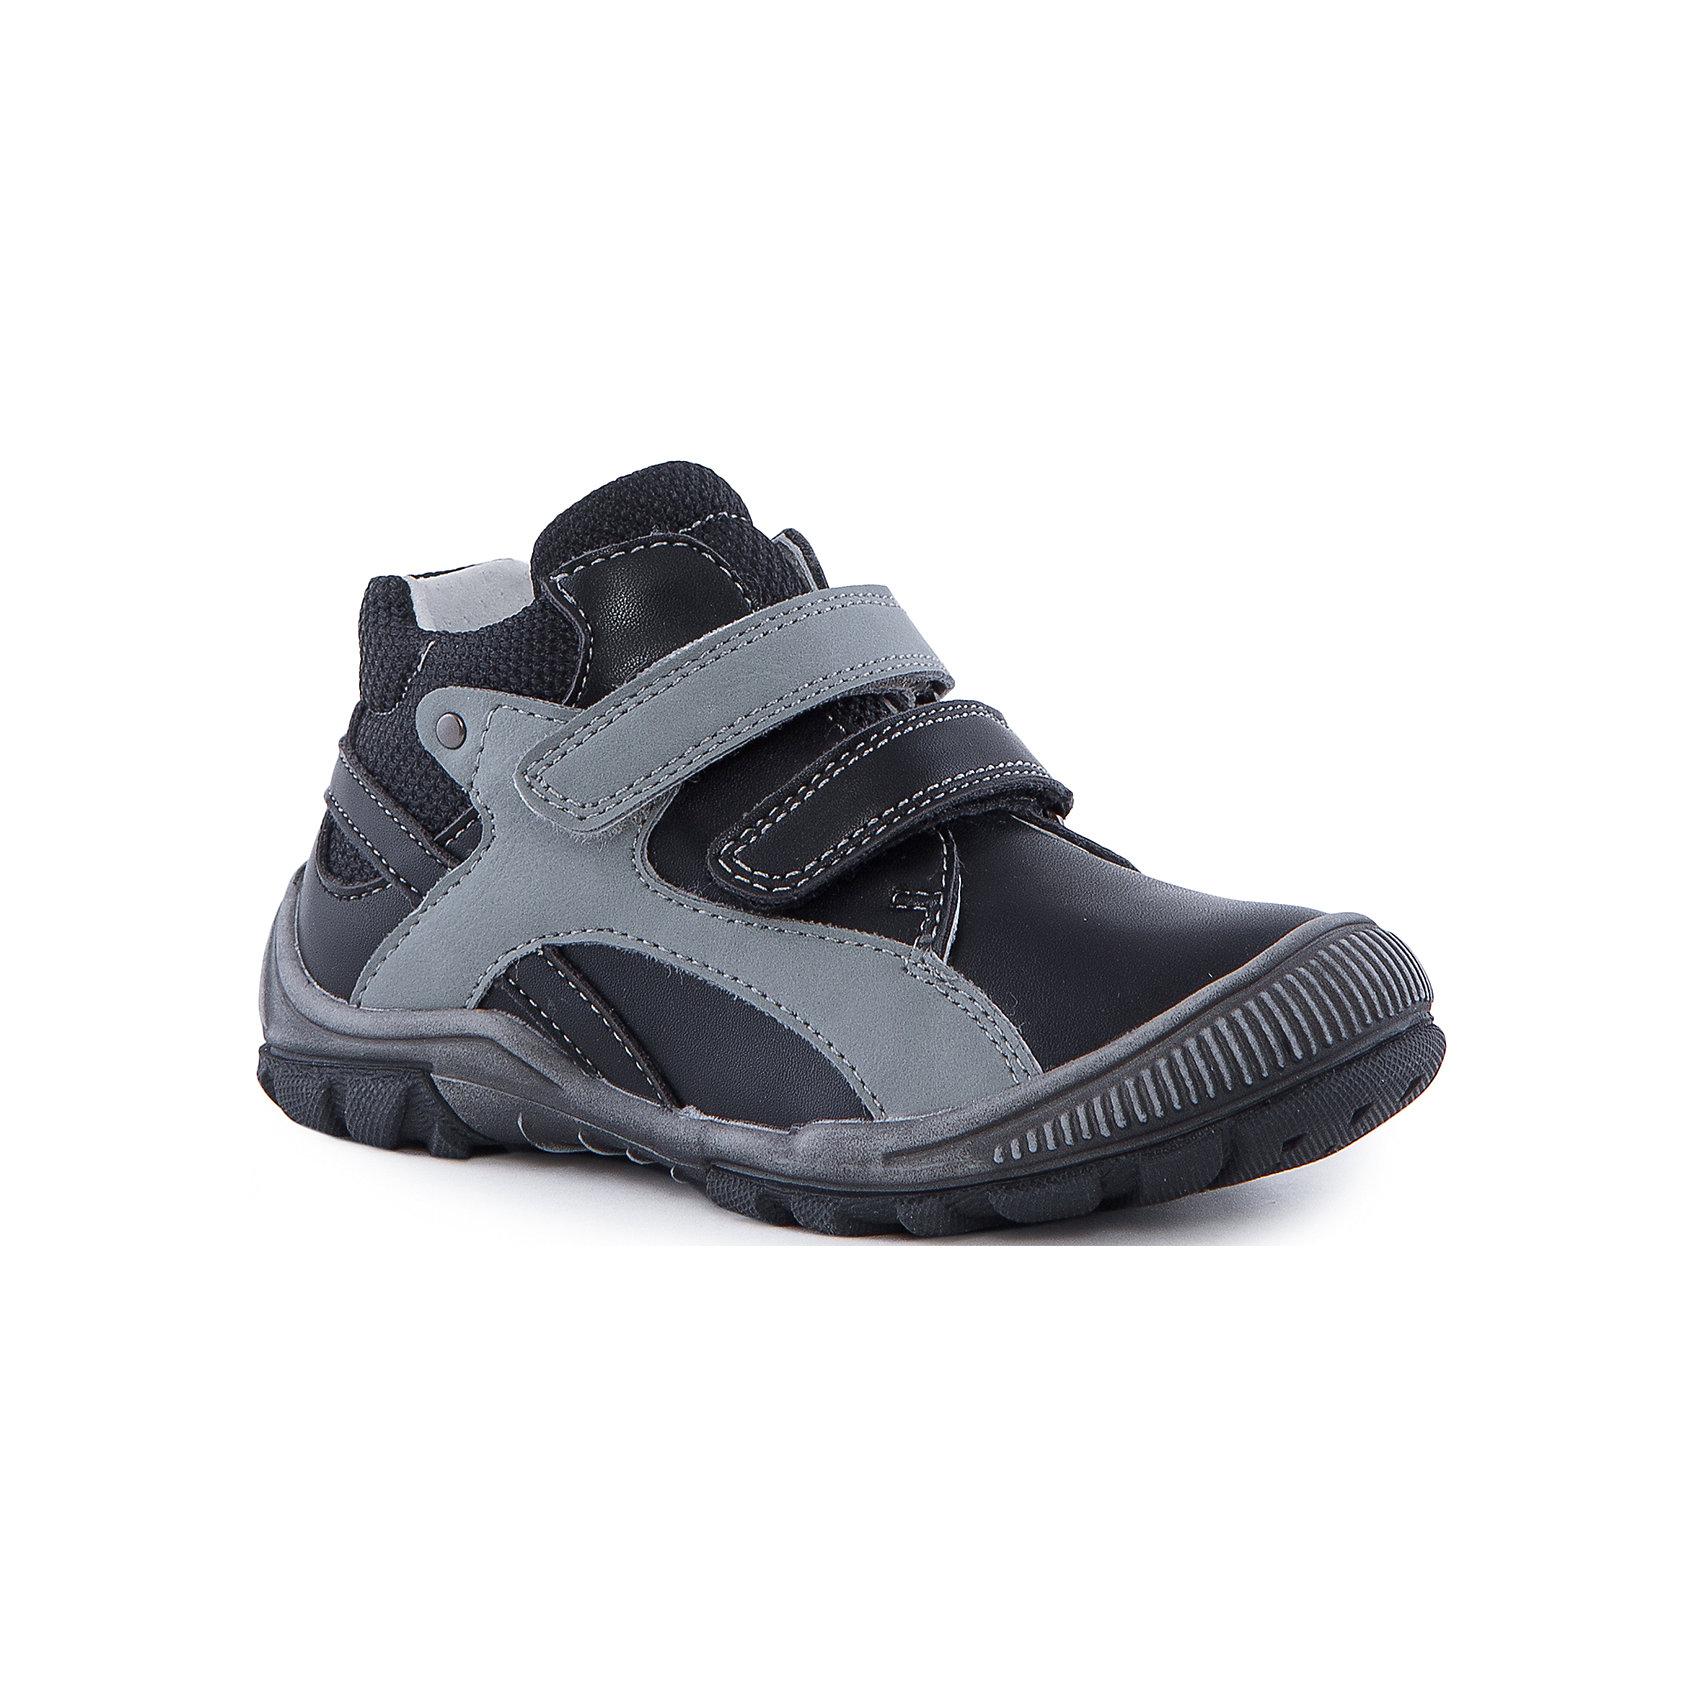 Ботинки для мальчика PlayTodayОбувь для малышей<br>Ботинки для мальчика от известного бренда PlayToday.<br>Стильные полуботинки для мальчика. Внутри мягкая полуортопедическая стелька и подкладка с содержанием 80% шерсти. Высокая гибкая подошва с рифлением не скользит. Наполненная носочная часть способствует правильному формированию стопы. Удобно застегивается на липучки.<br>Состав:<br>100% Искусственная кожа<br><br>Ширина мм: 262<br>Глубина мм: 176<br>Высота мм: 97<br>Вес г: 427<br>Цвет: разноцветный<br>Возраст от месяцев: 18<br>Возраст до месяцев: 21<br>Пол: Мужской<br>Возраст: Детский<br>Размер: 23,25,24,22,21,20<br>SKU: 4901191